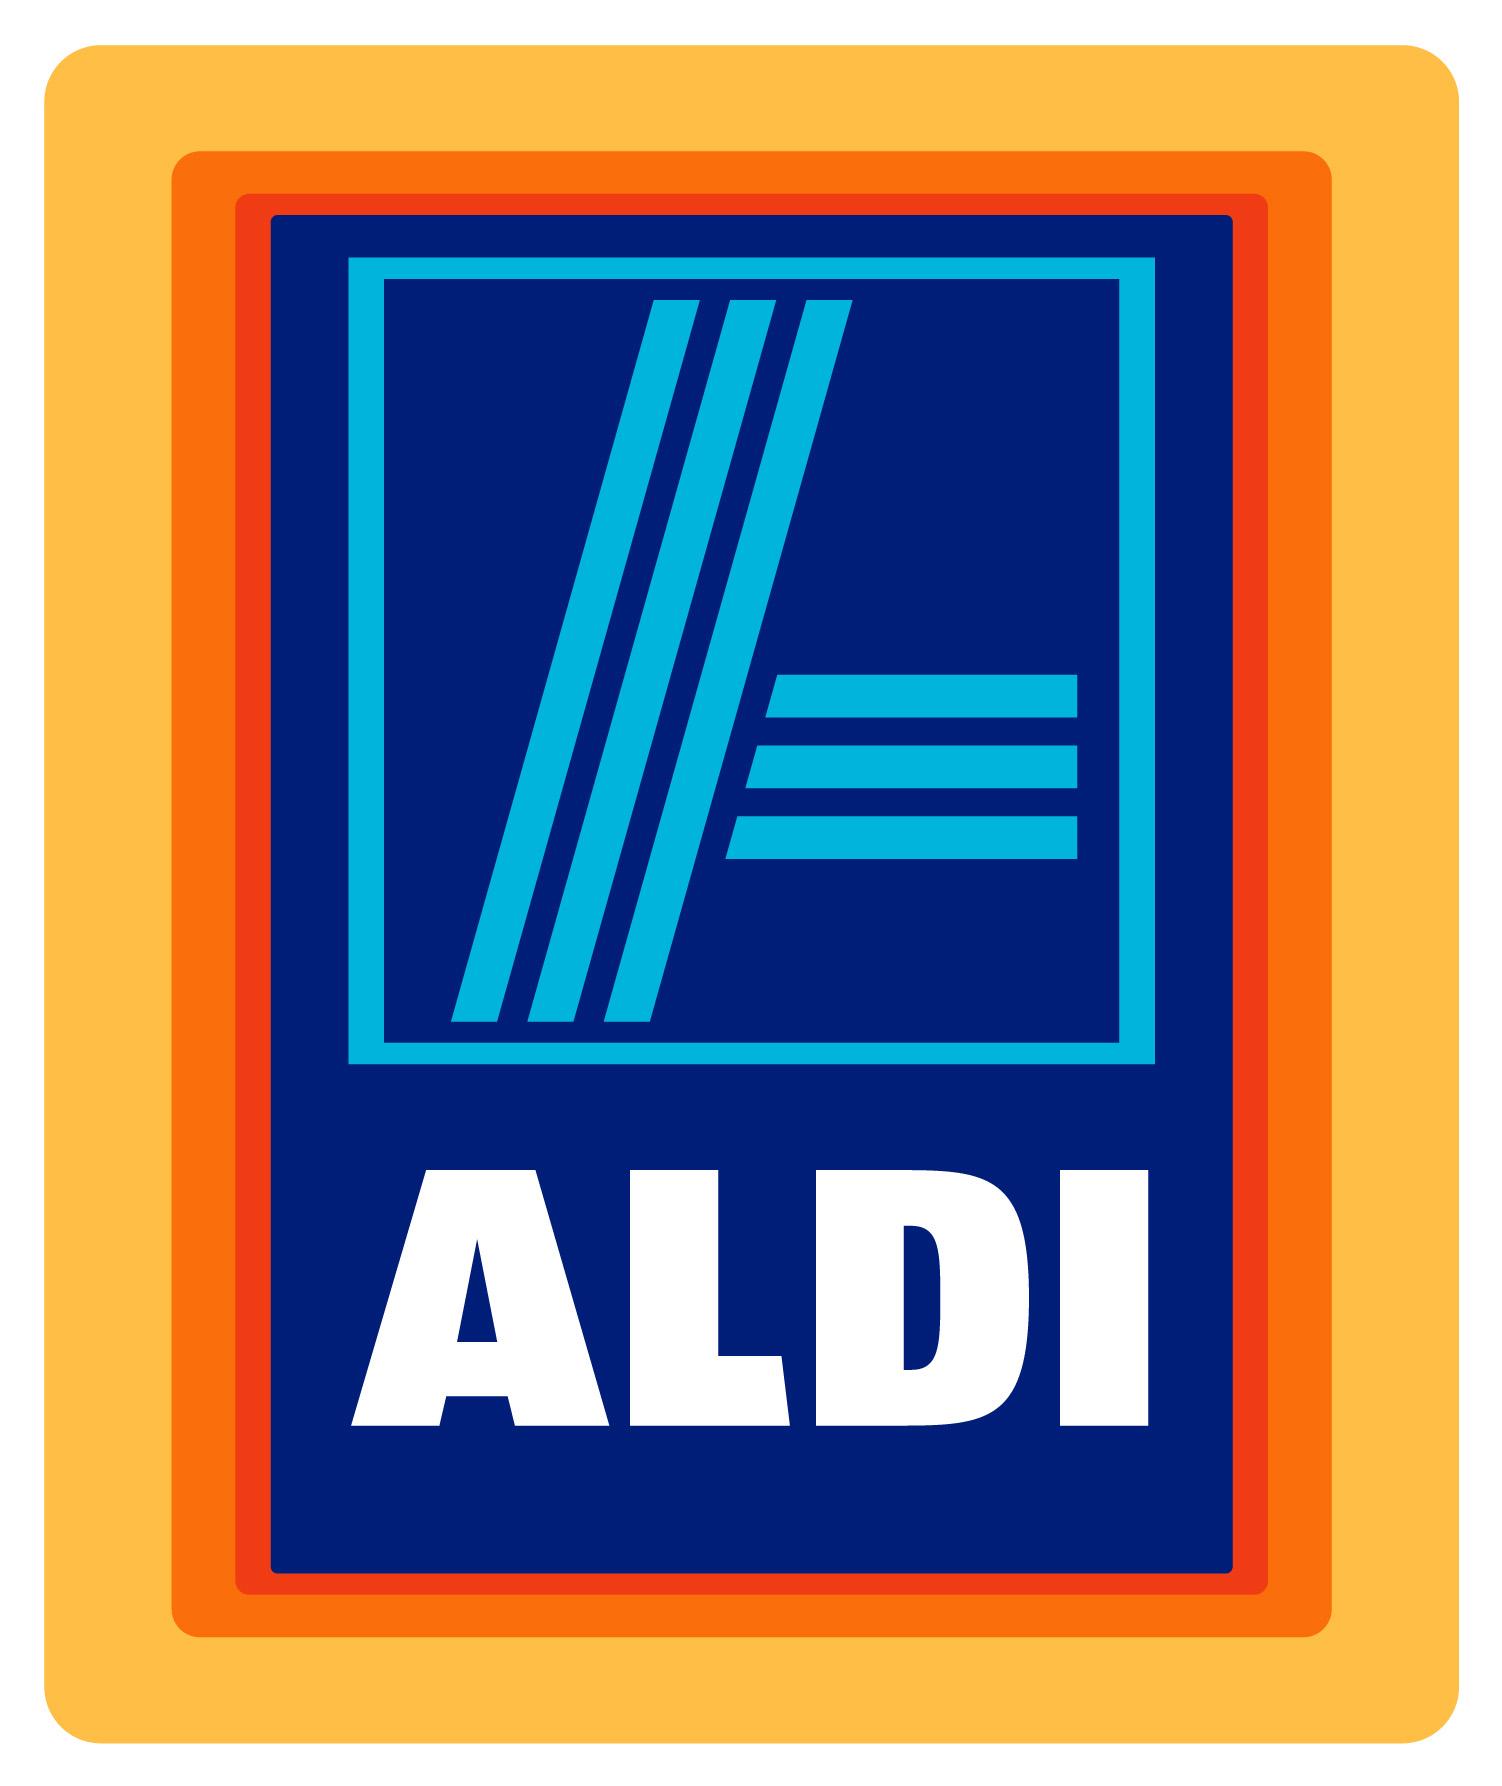 aldi store near me application